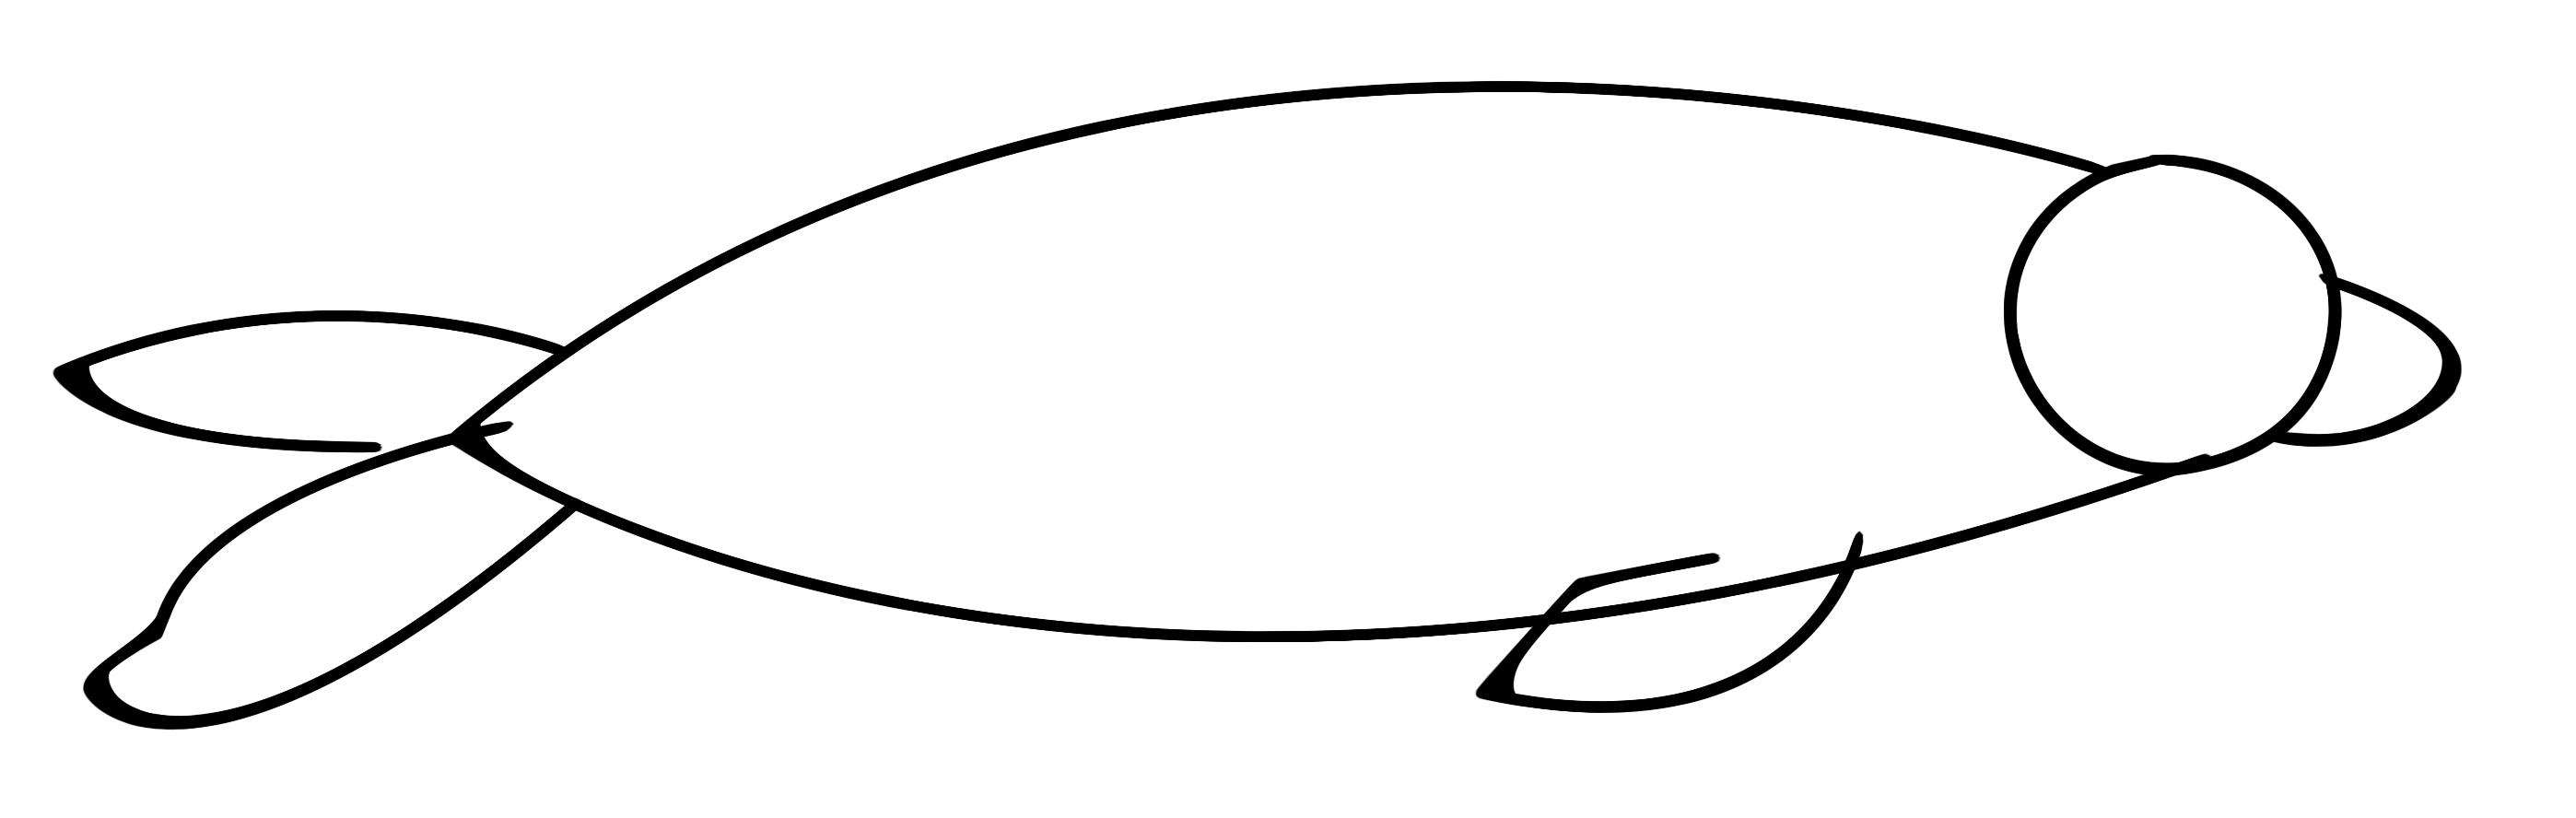 tutorial wie kann ich einen seehund zeichnen eine robbe. Black Bedroom Furniture Sets. Home Design Ideas